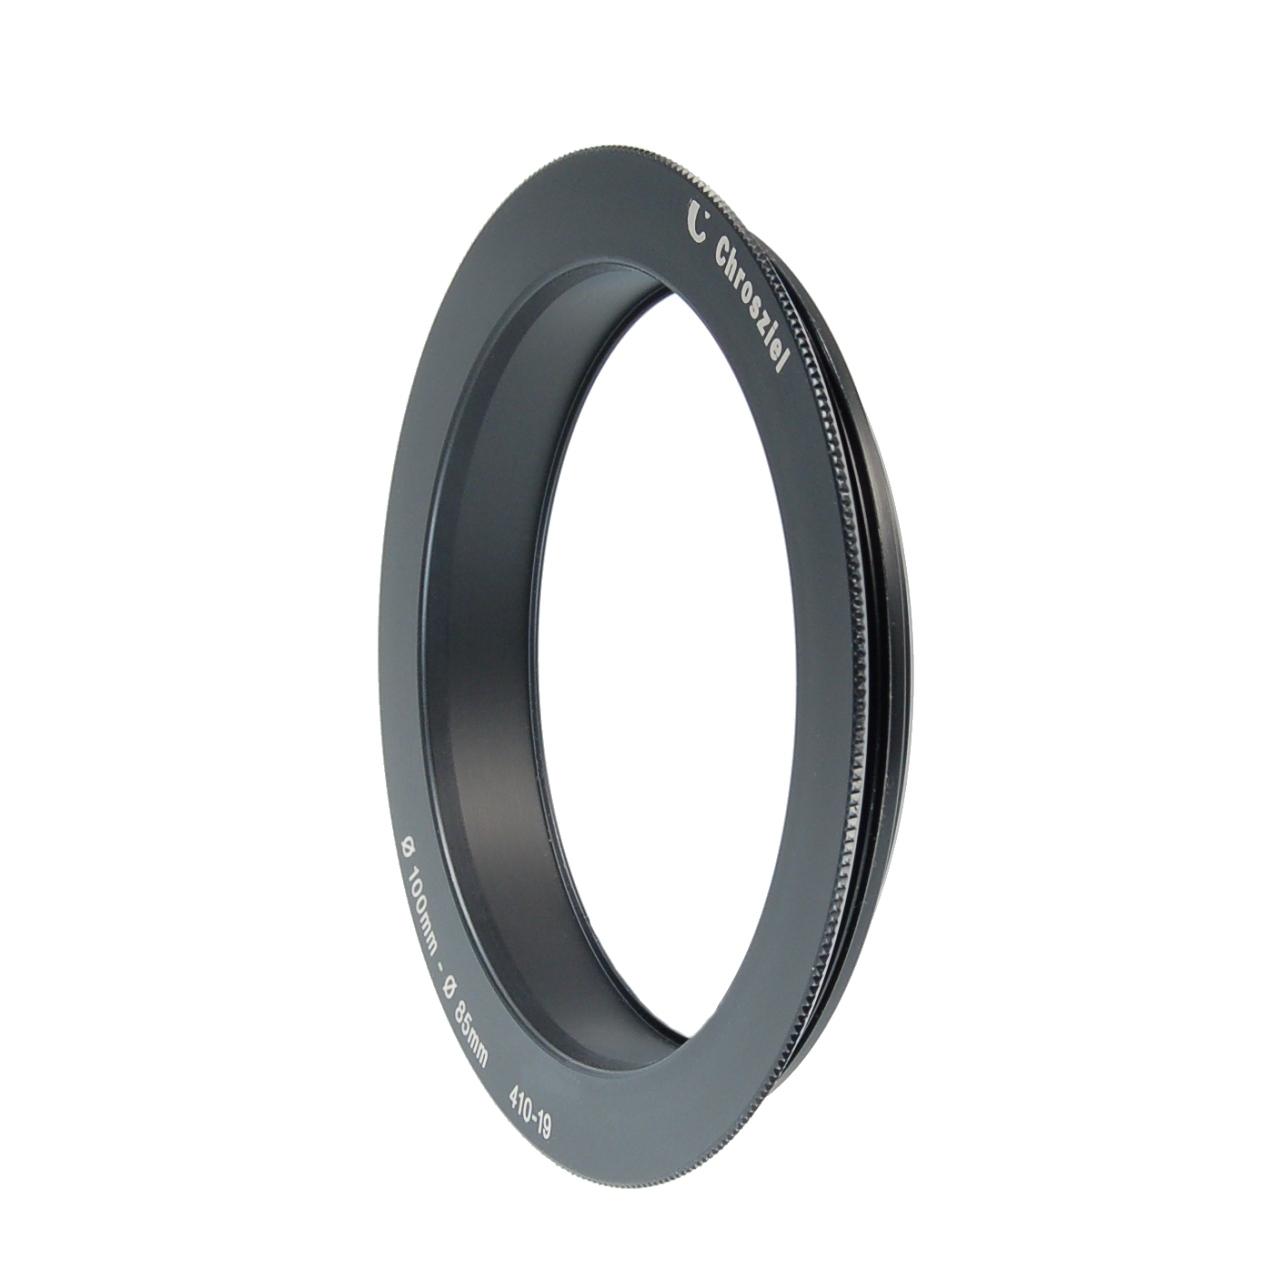 Insertring Ø 100:85 mm